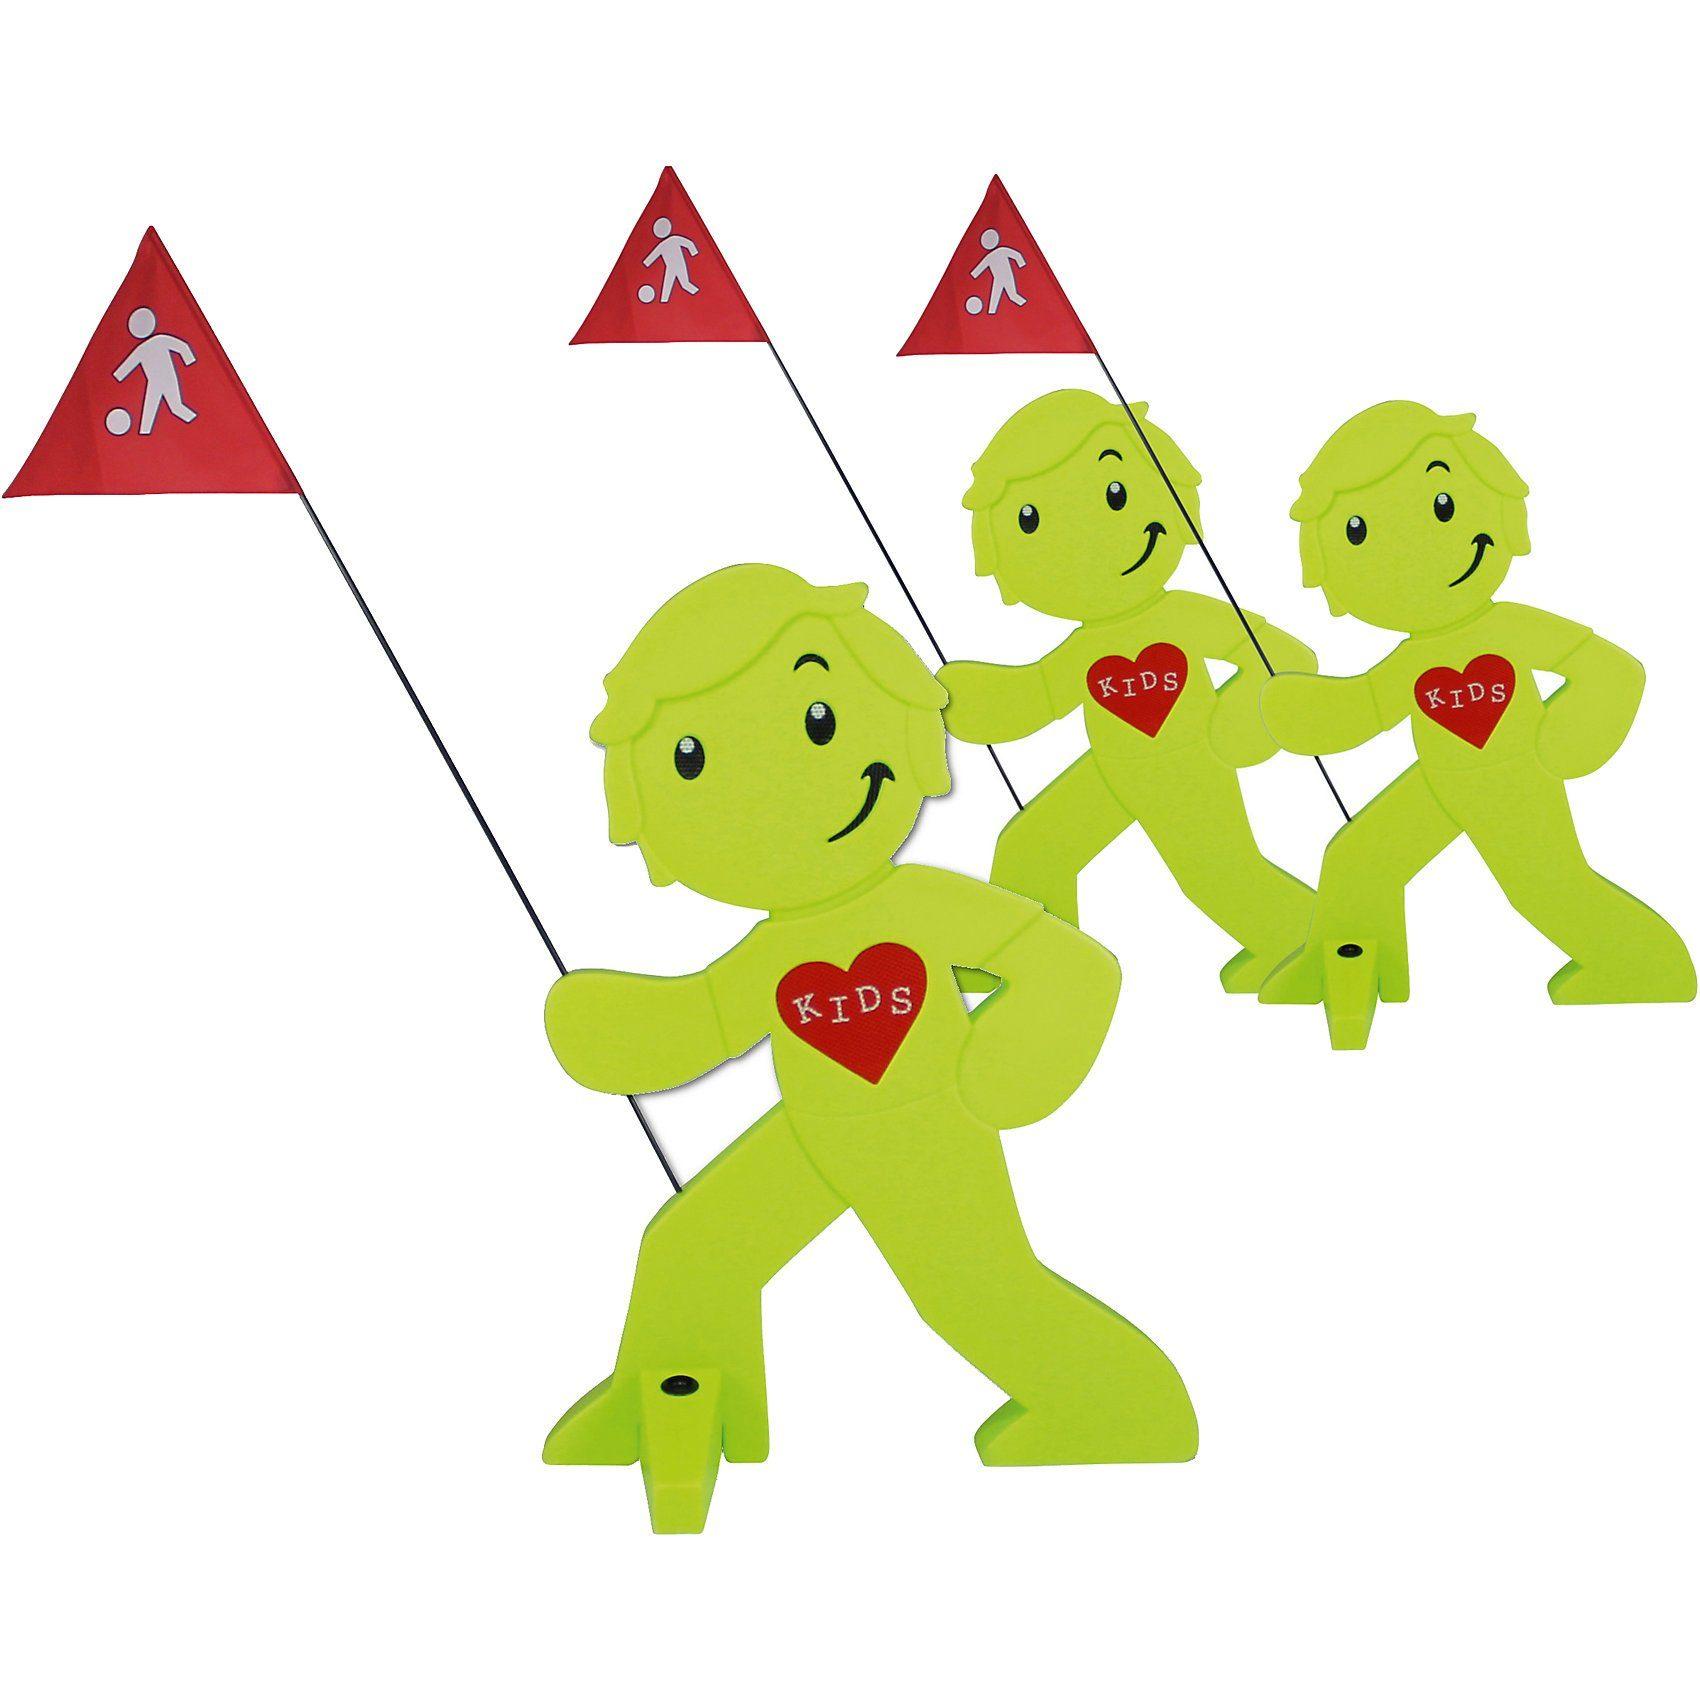 Beachtrekker StreetBuddy Warnfigur für Kindersicherheit, grün, 3 Stück